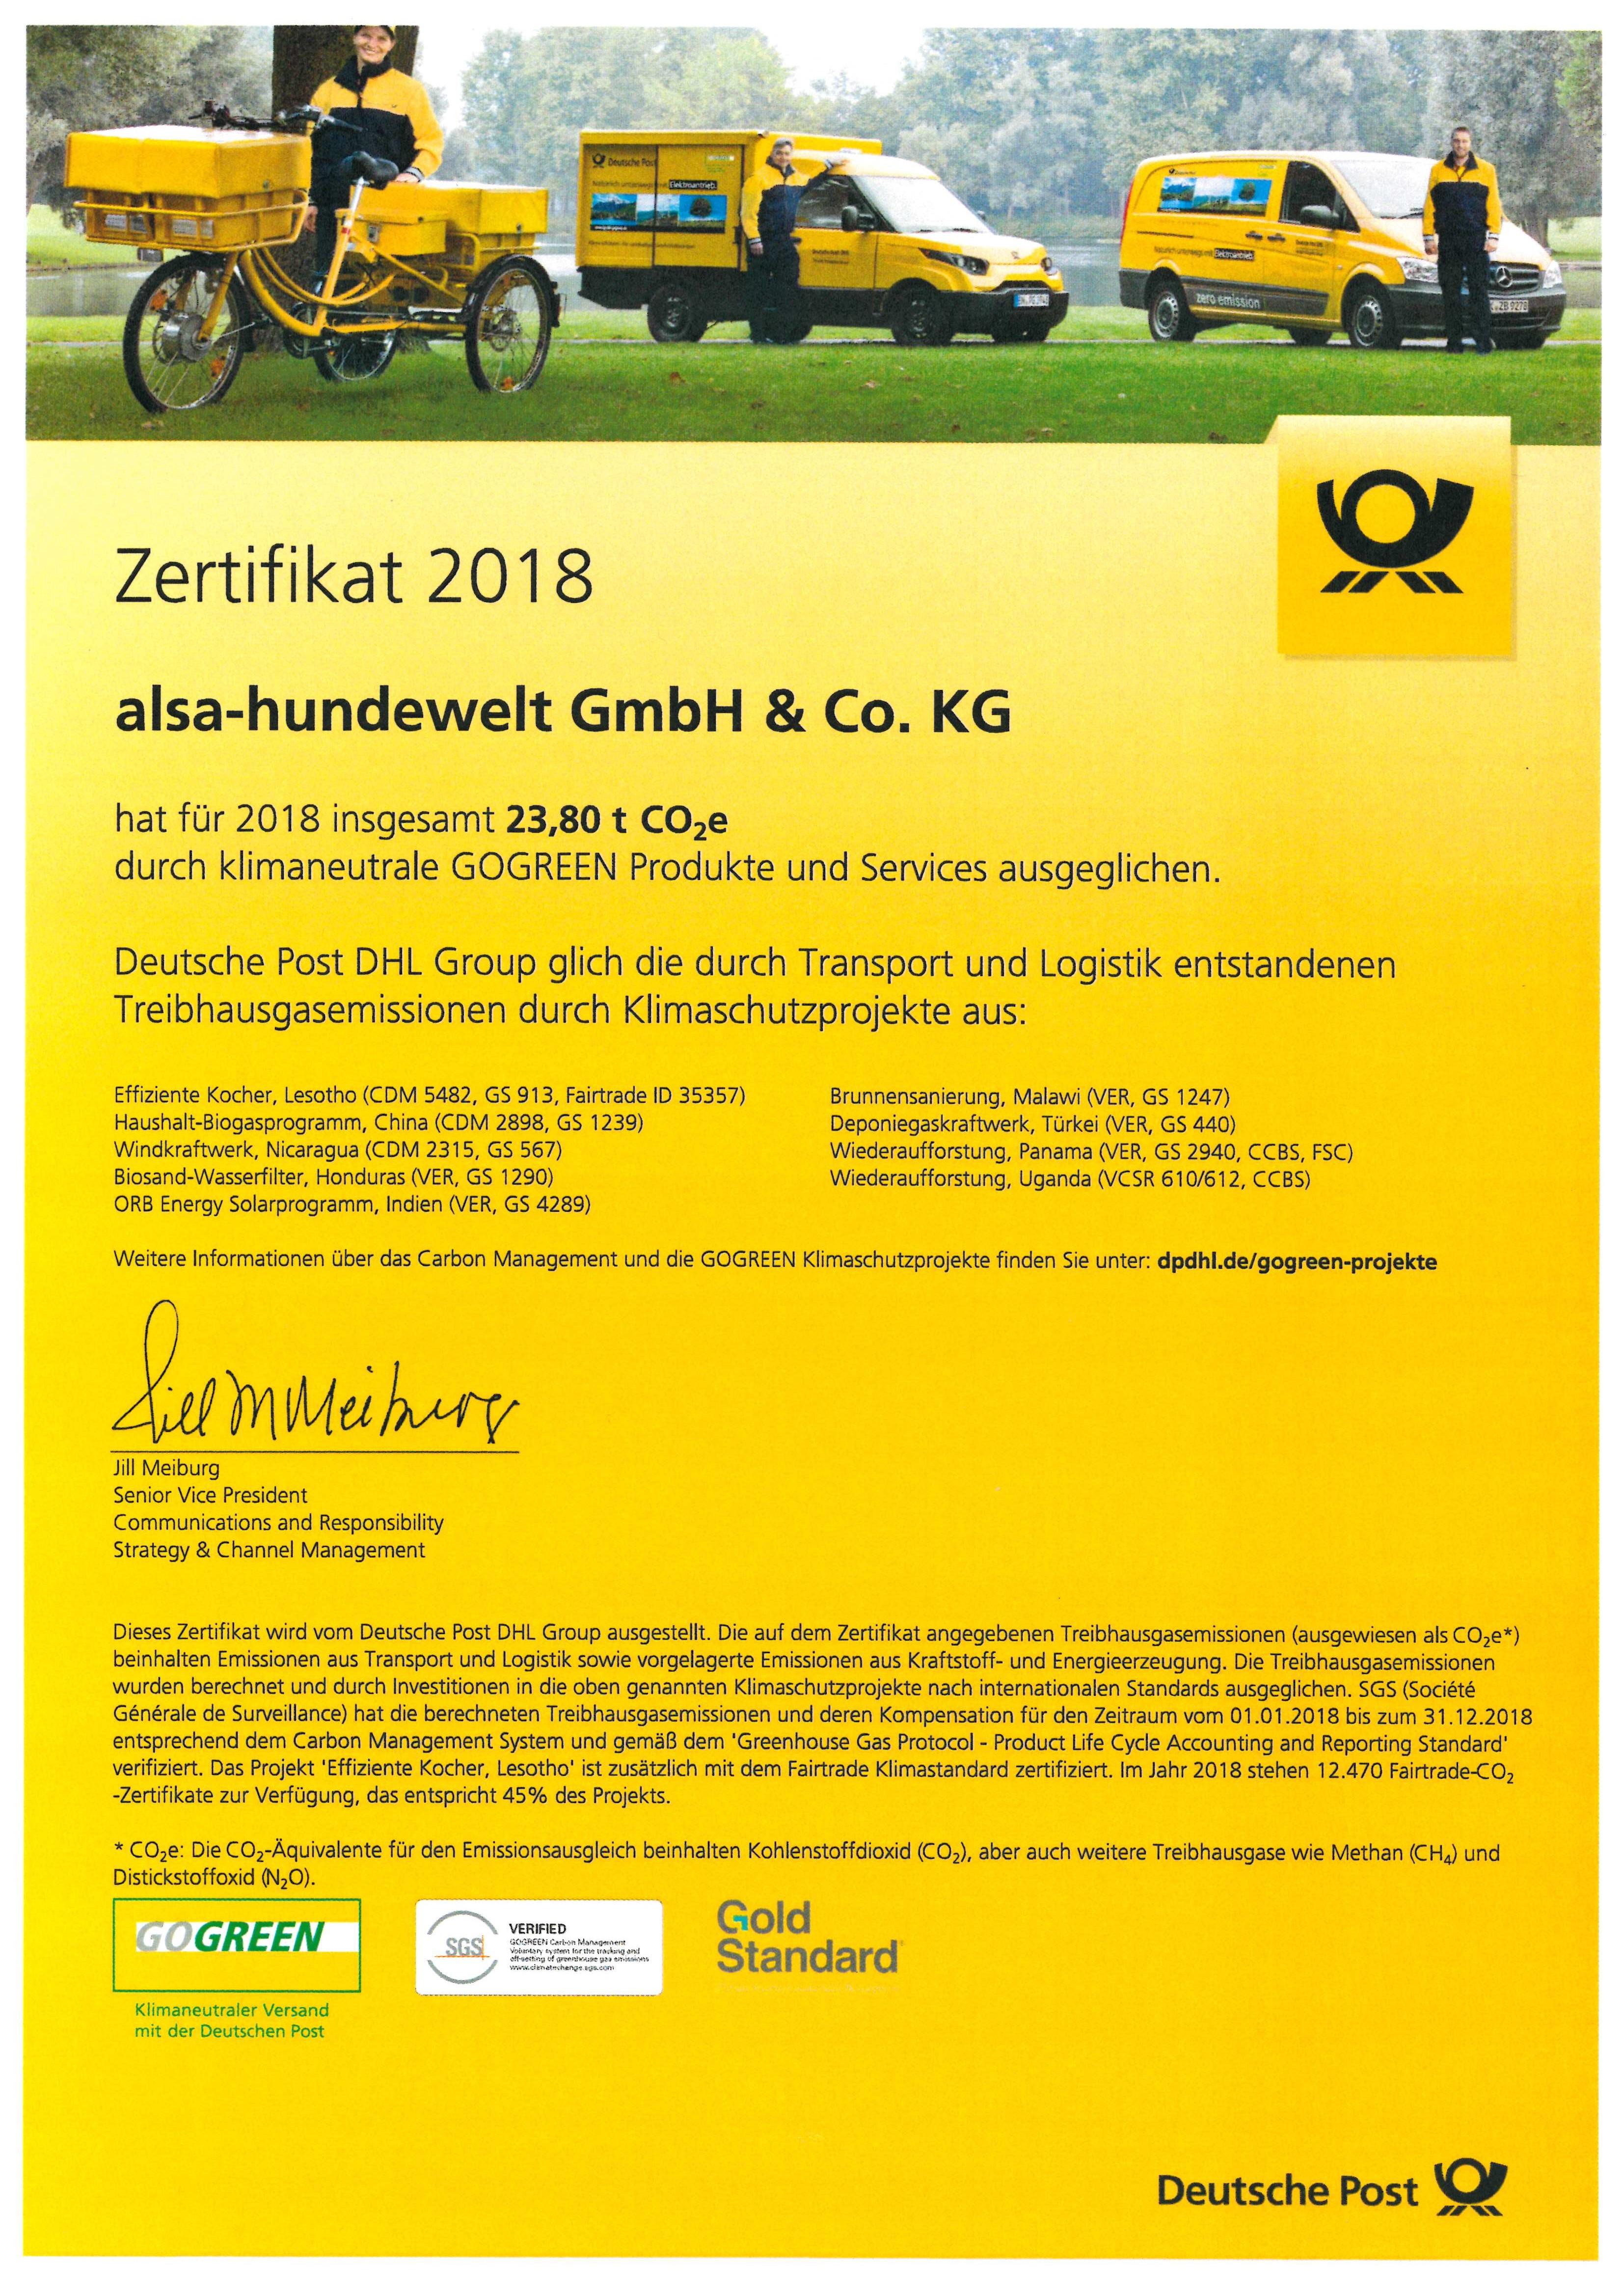 GOGREEN Zertifikat 2018